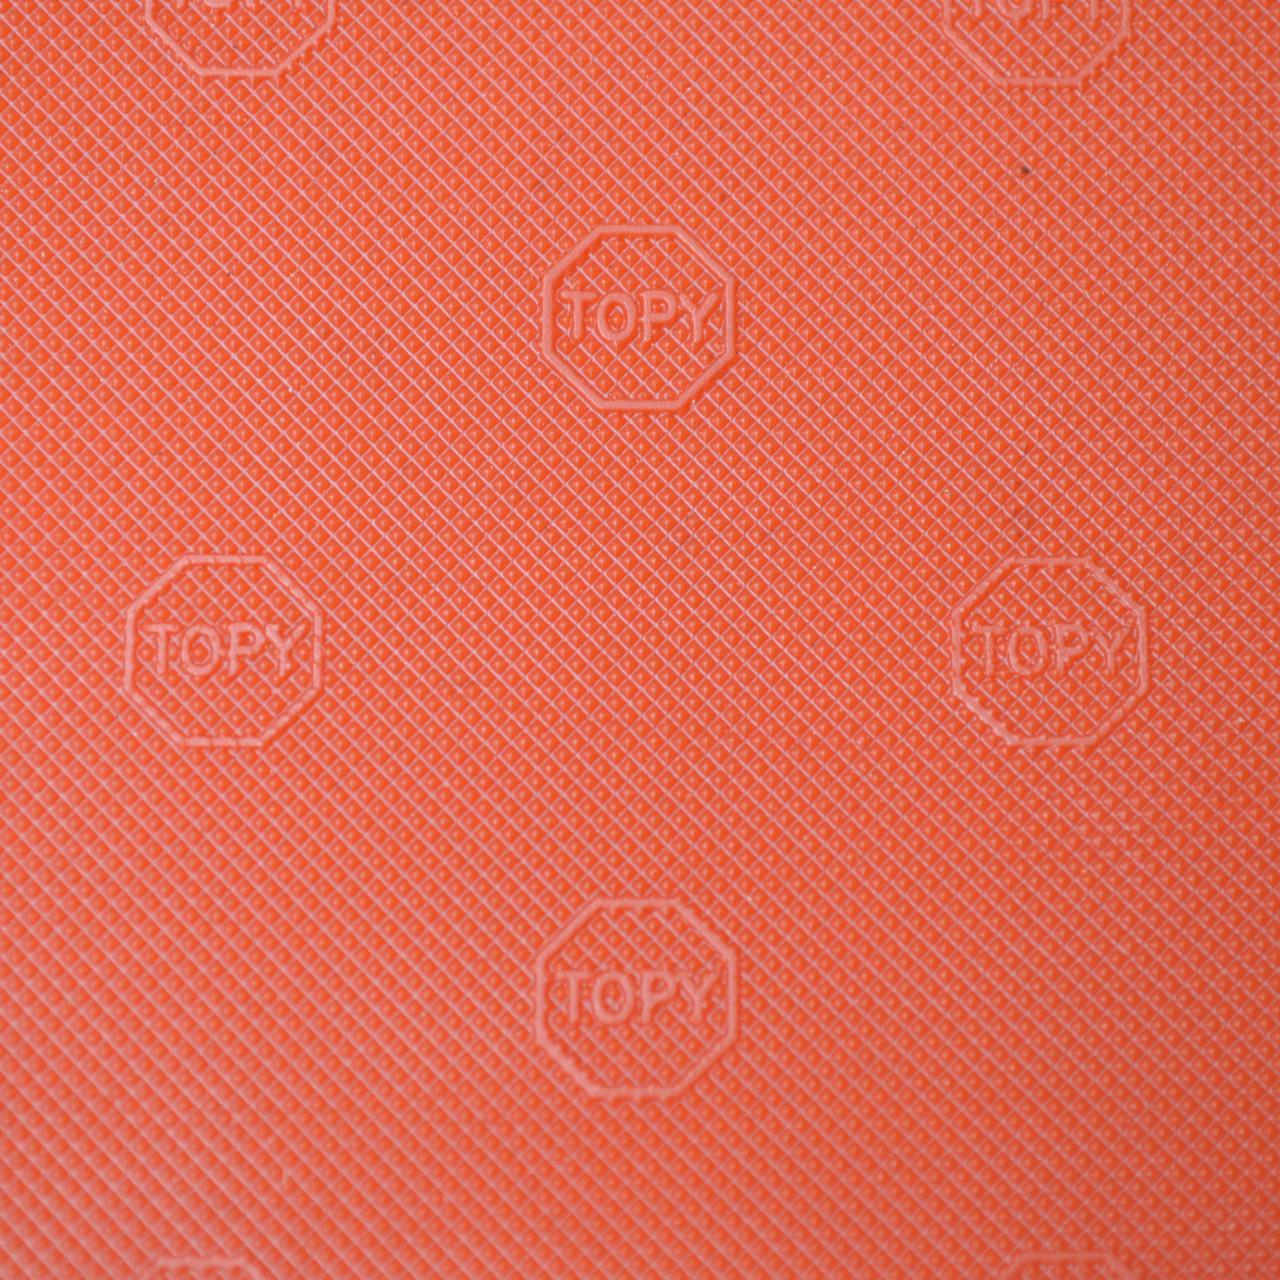 """Листовая профилактика """"TOPY"""", 380ммх570мм, толщина 1,2мм"""